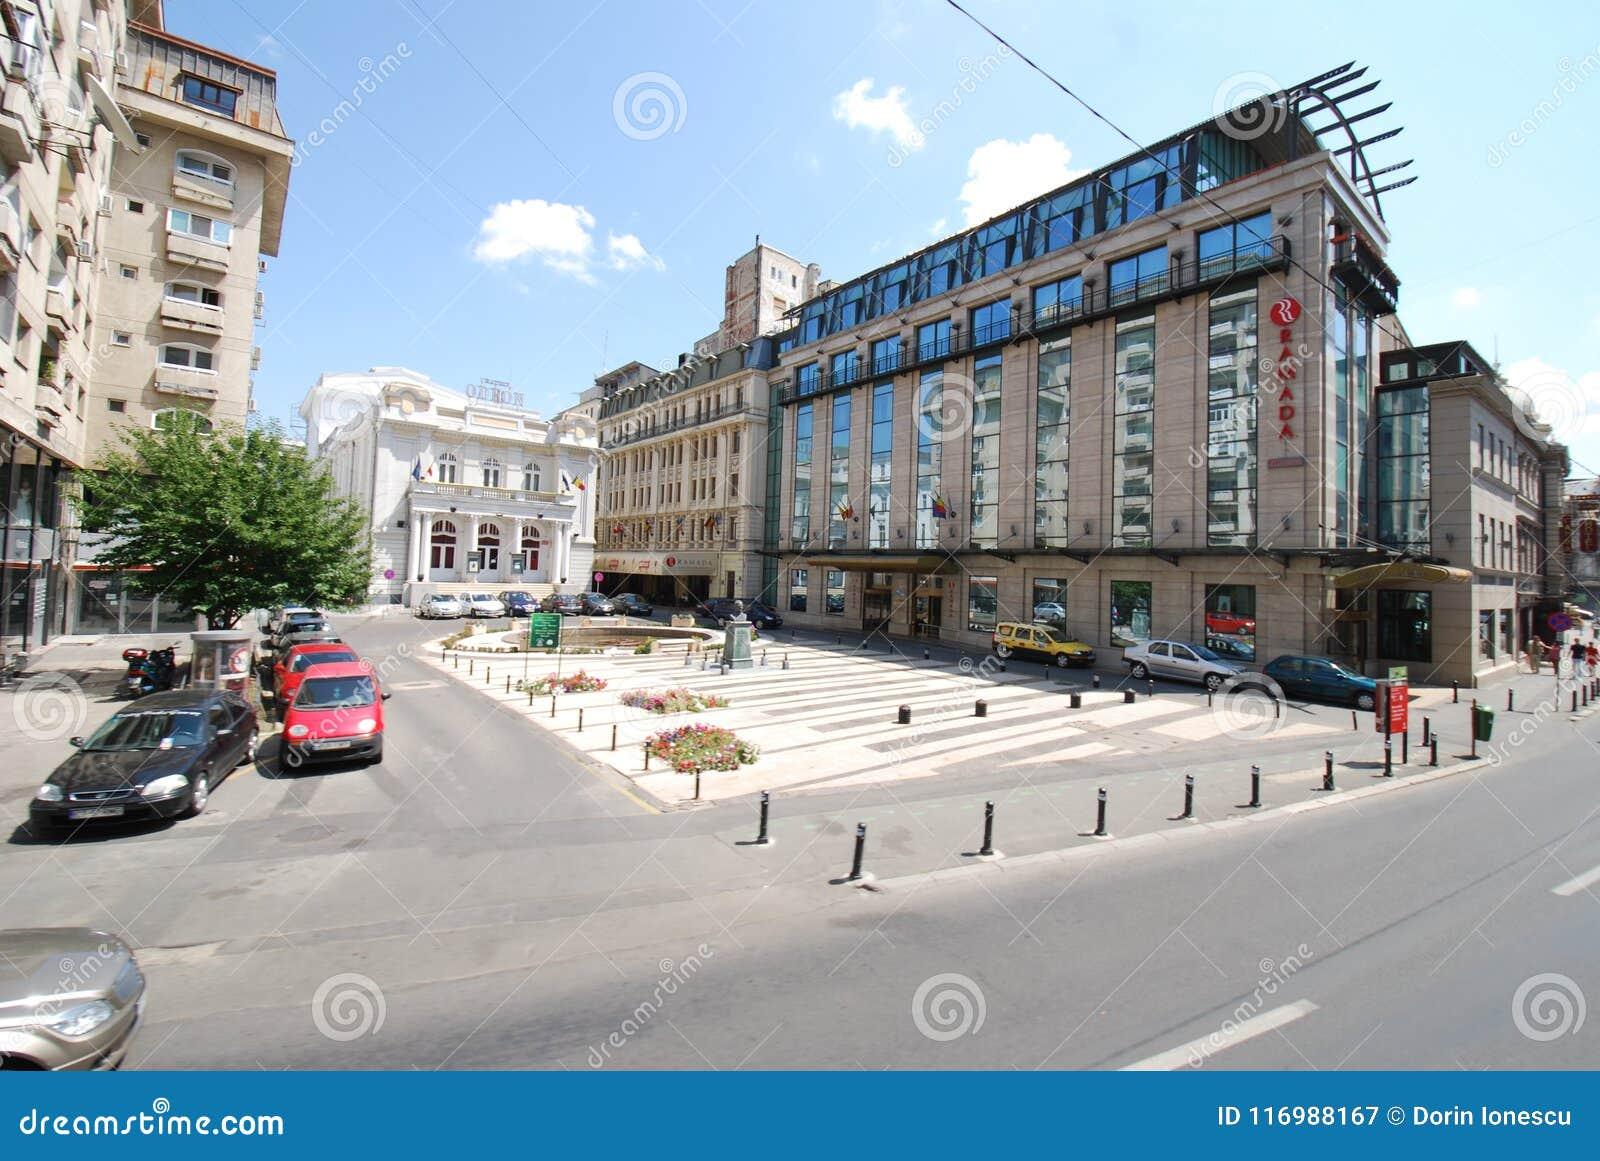 El teatro de Odeon, zona metropolitana, vecindad, plaza, mezcló uso